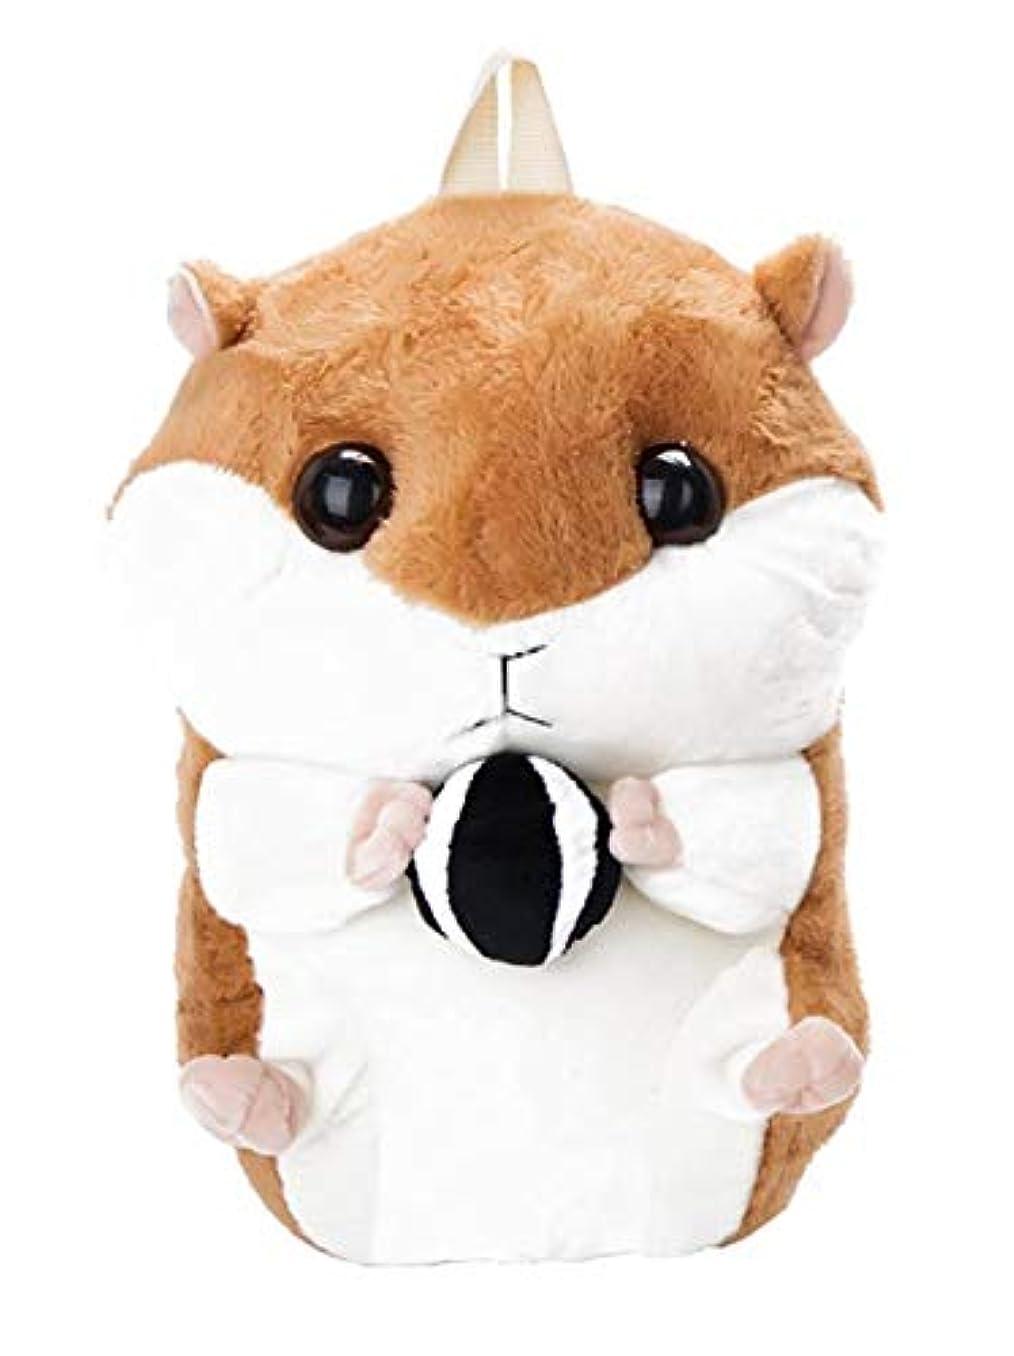 事実アナリストおびえた[チューカー] レディース バックパック ぬいぐるみカバン 肩掛けバッグ 可愛い ハムスター おもちゃ 撮影道具 ファスナー プレゼント